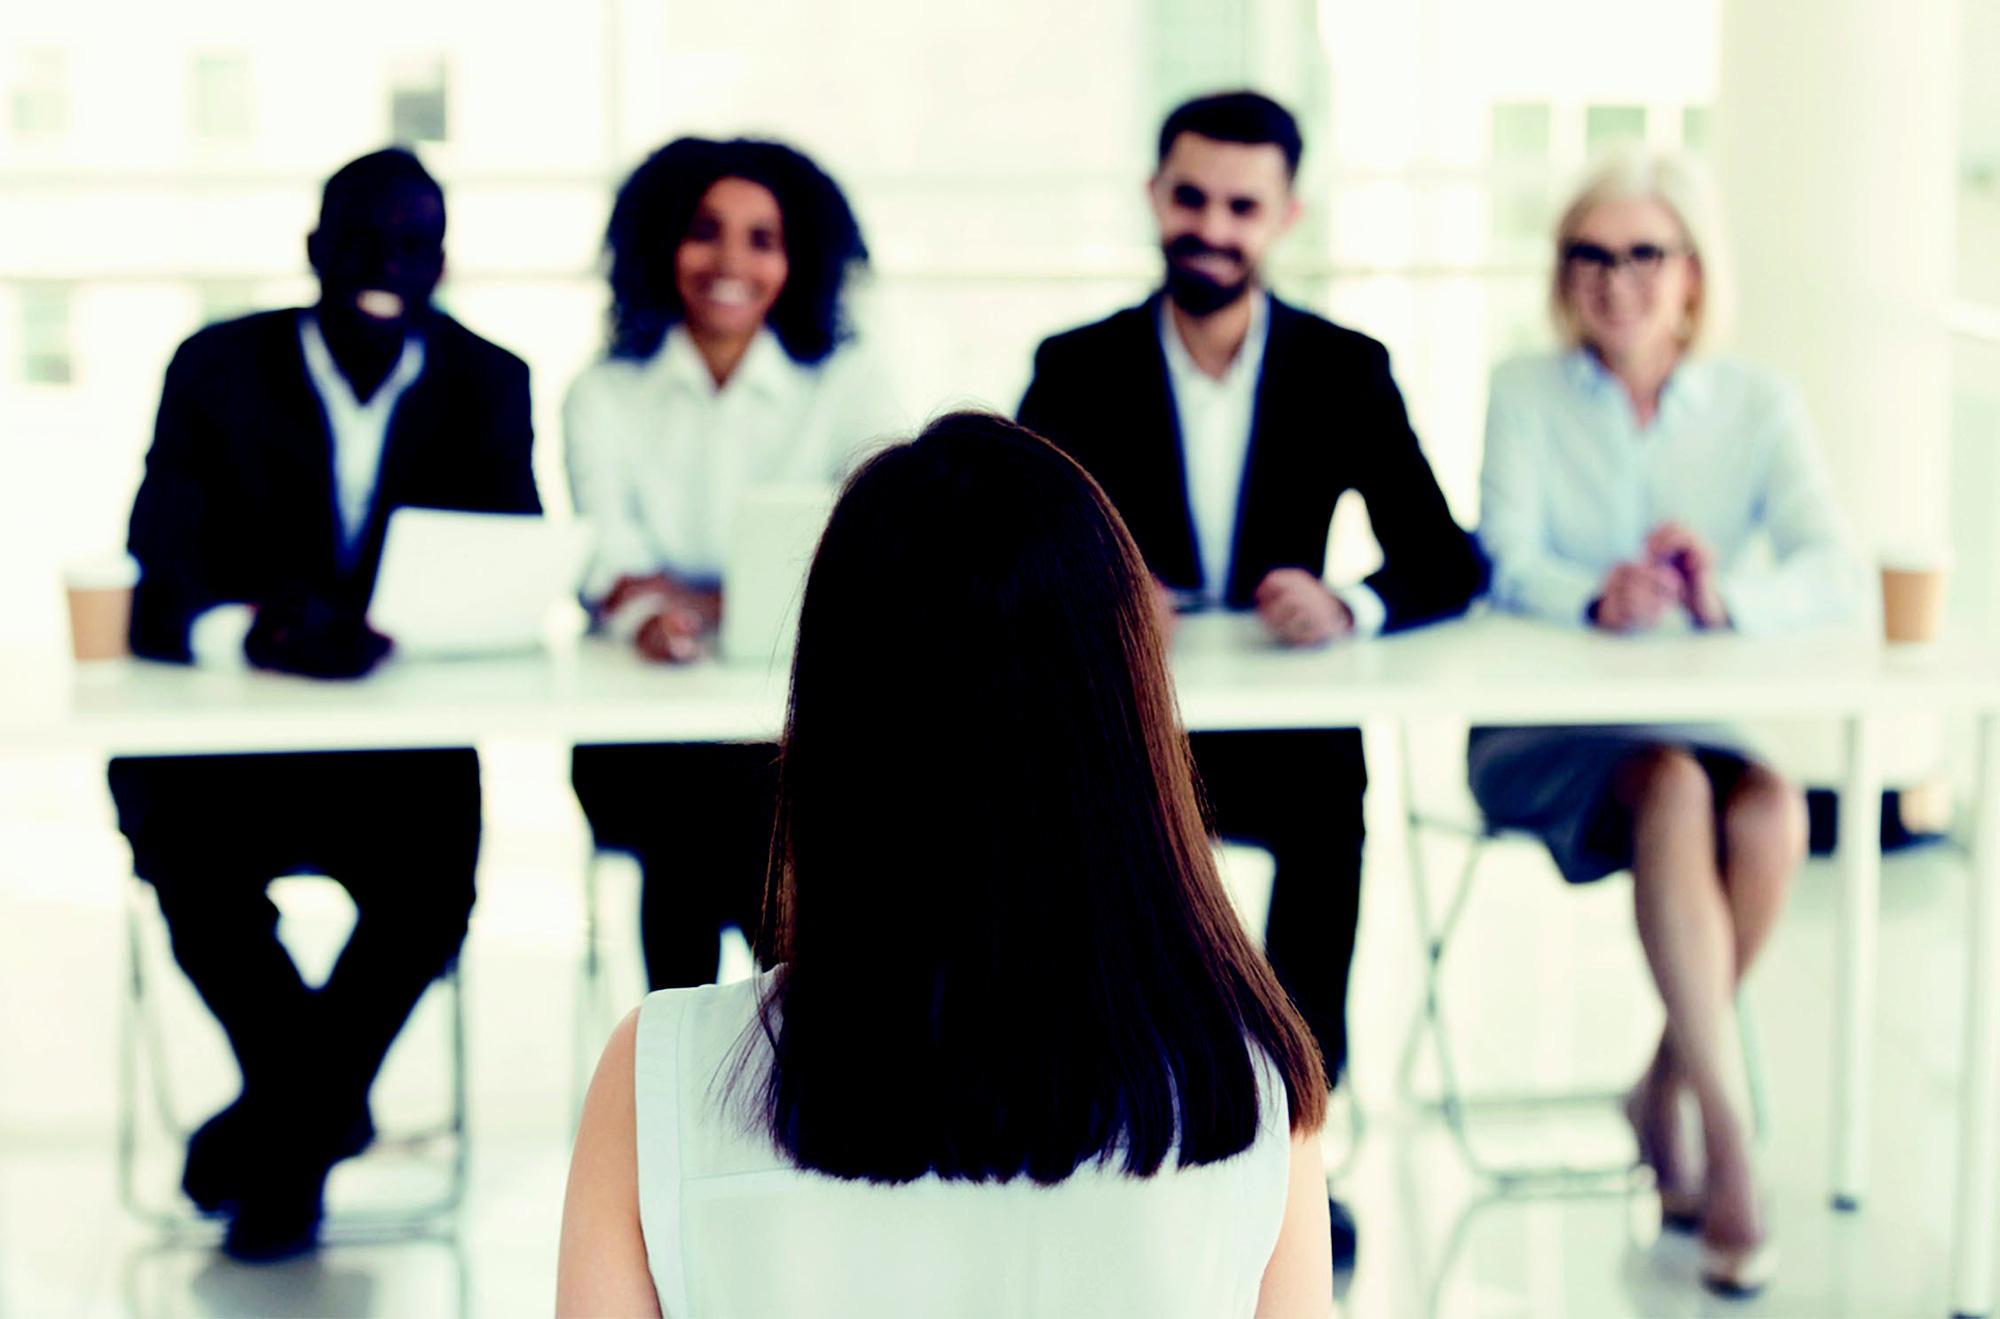 Ai cũng cần 4 kỹ năng bất bại này để xây dựng sự nghiệp vững chắc: Bí quyết phân biệt giữa người giỏi và người xuất chúng!-2